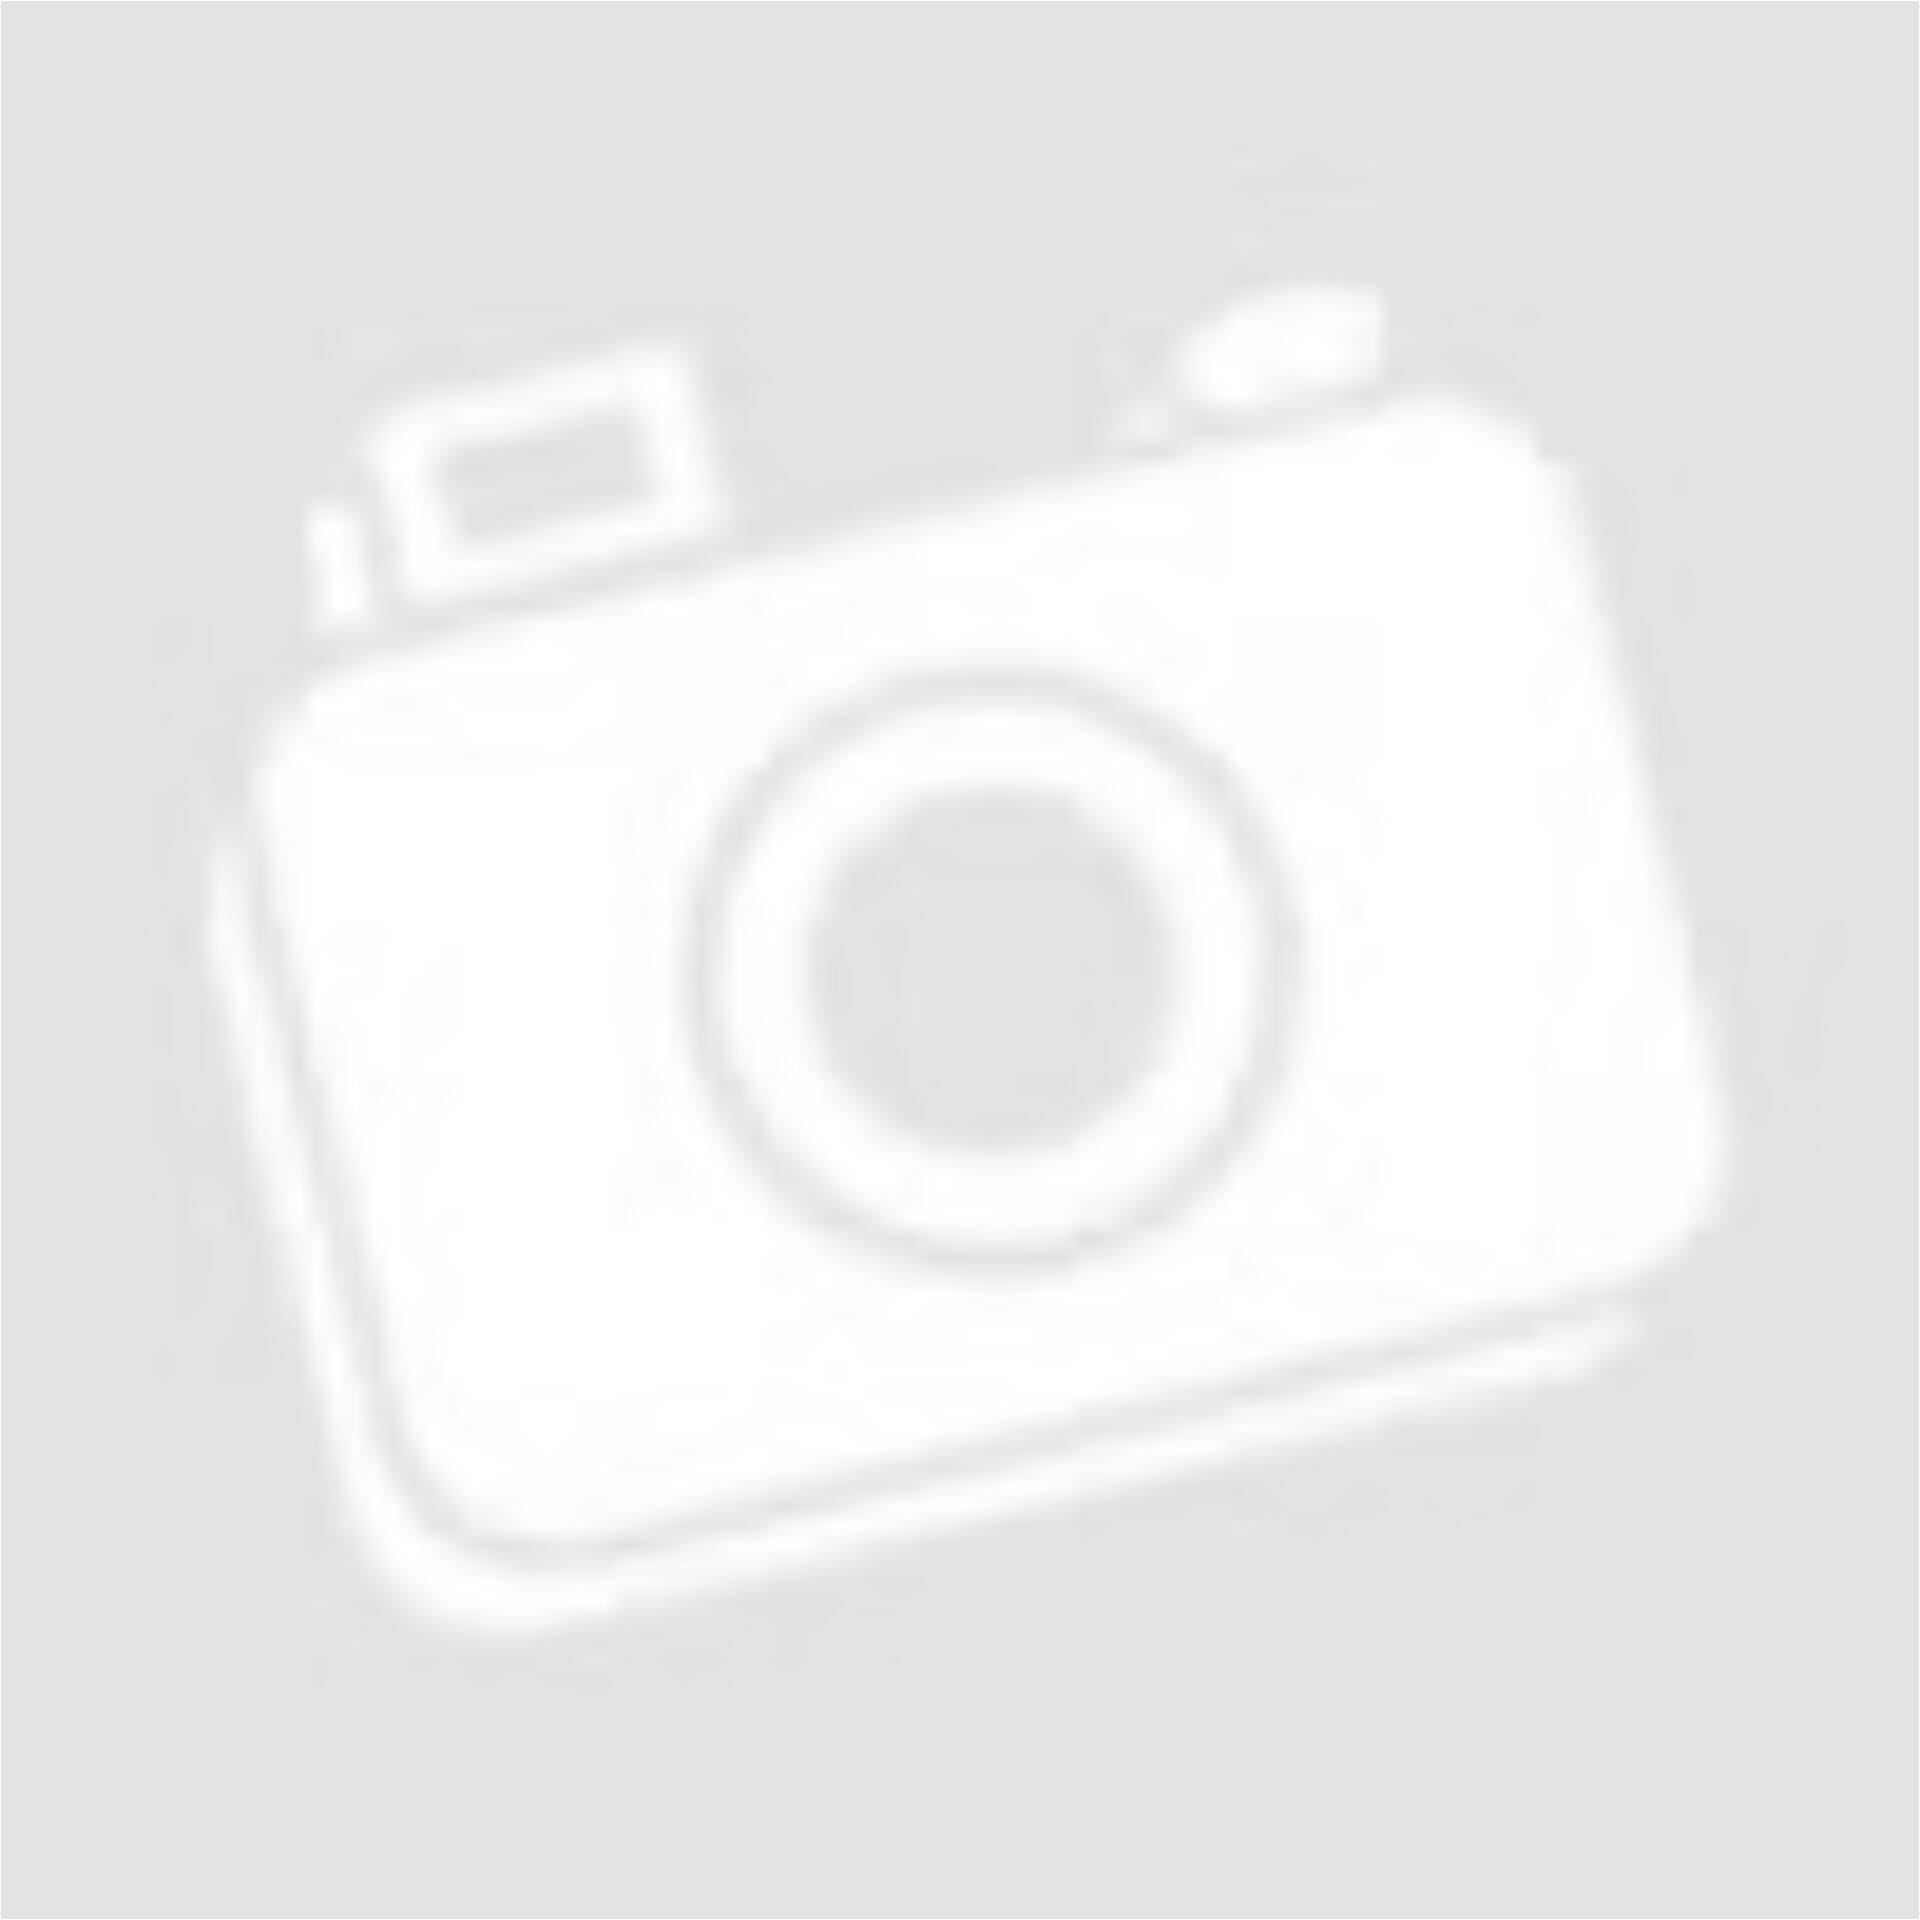 6b062877bb NEXT narancs mintás ruha (Méret: XL) - Alkalmi ruha, kosztüm ...